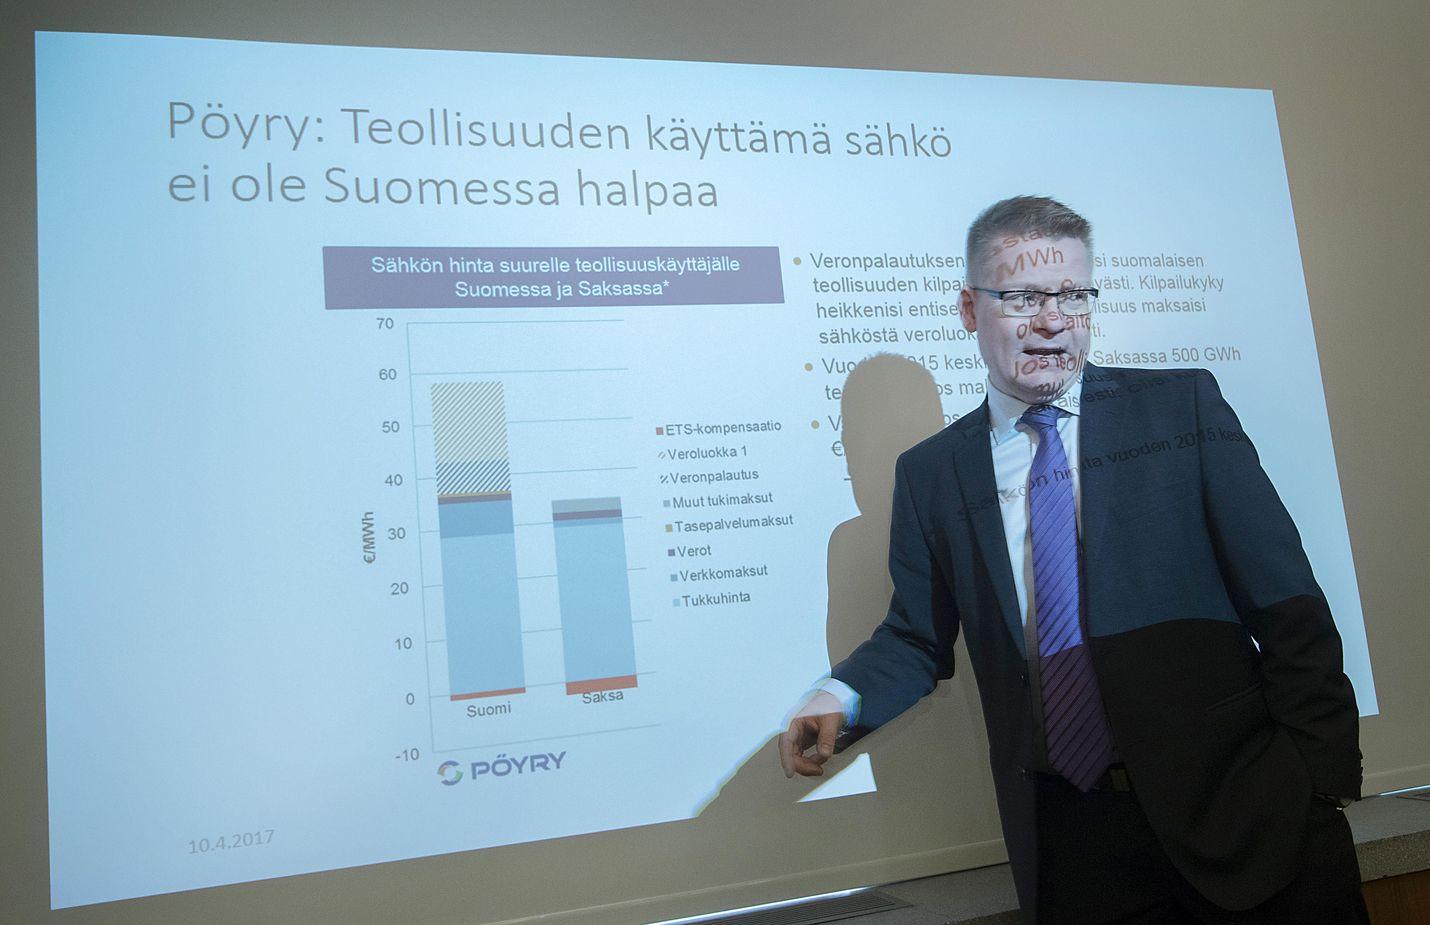 Metsäteollisuus ry:n toimitusjohtaja Timo Jaatinen toivoo hallitukselta selkeää näkemystä puun saatavuudesta ja panostuksista tavaraliikenteen tie- ja rataverkkoon.